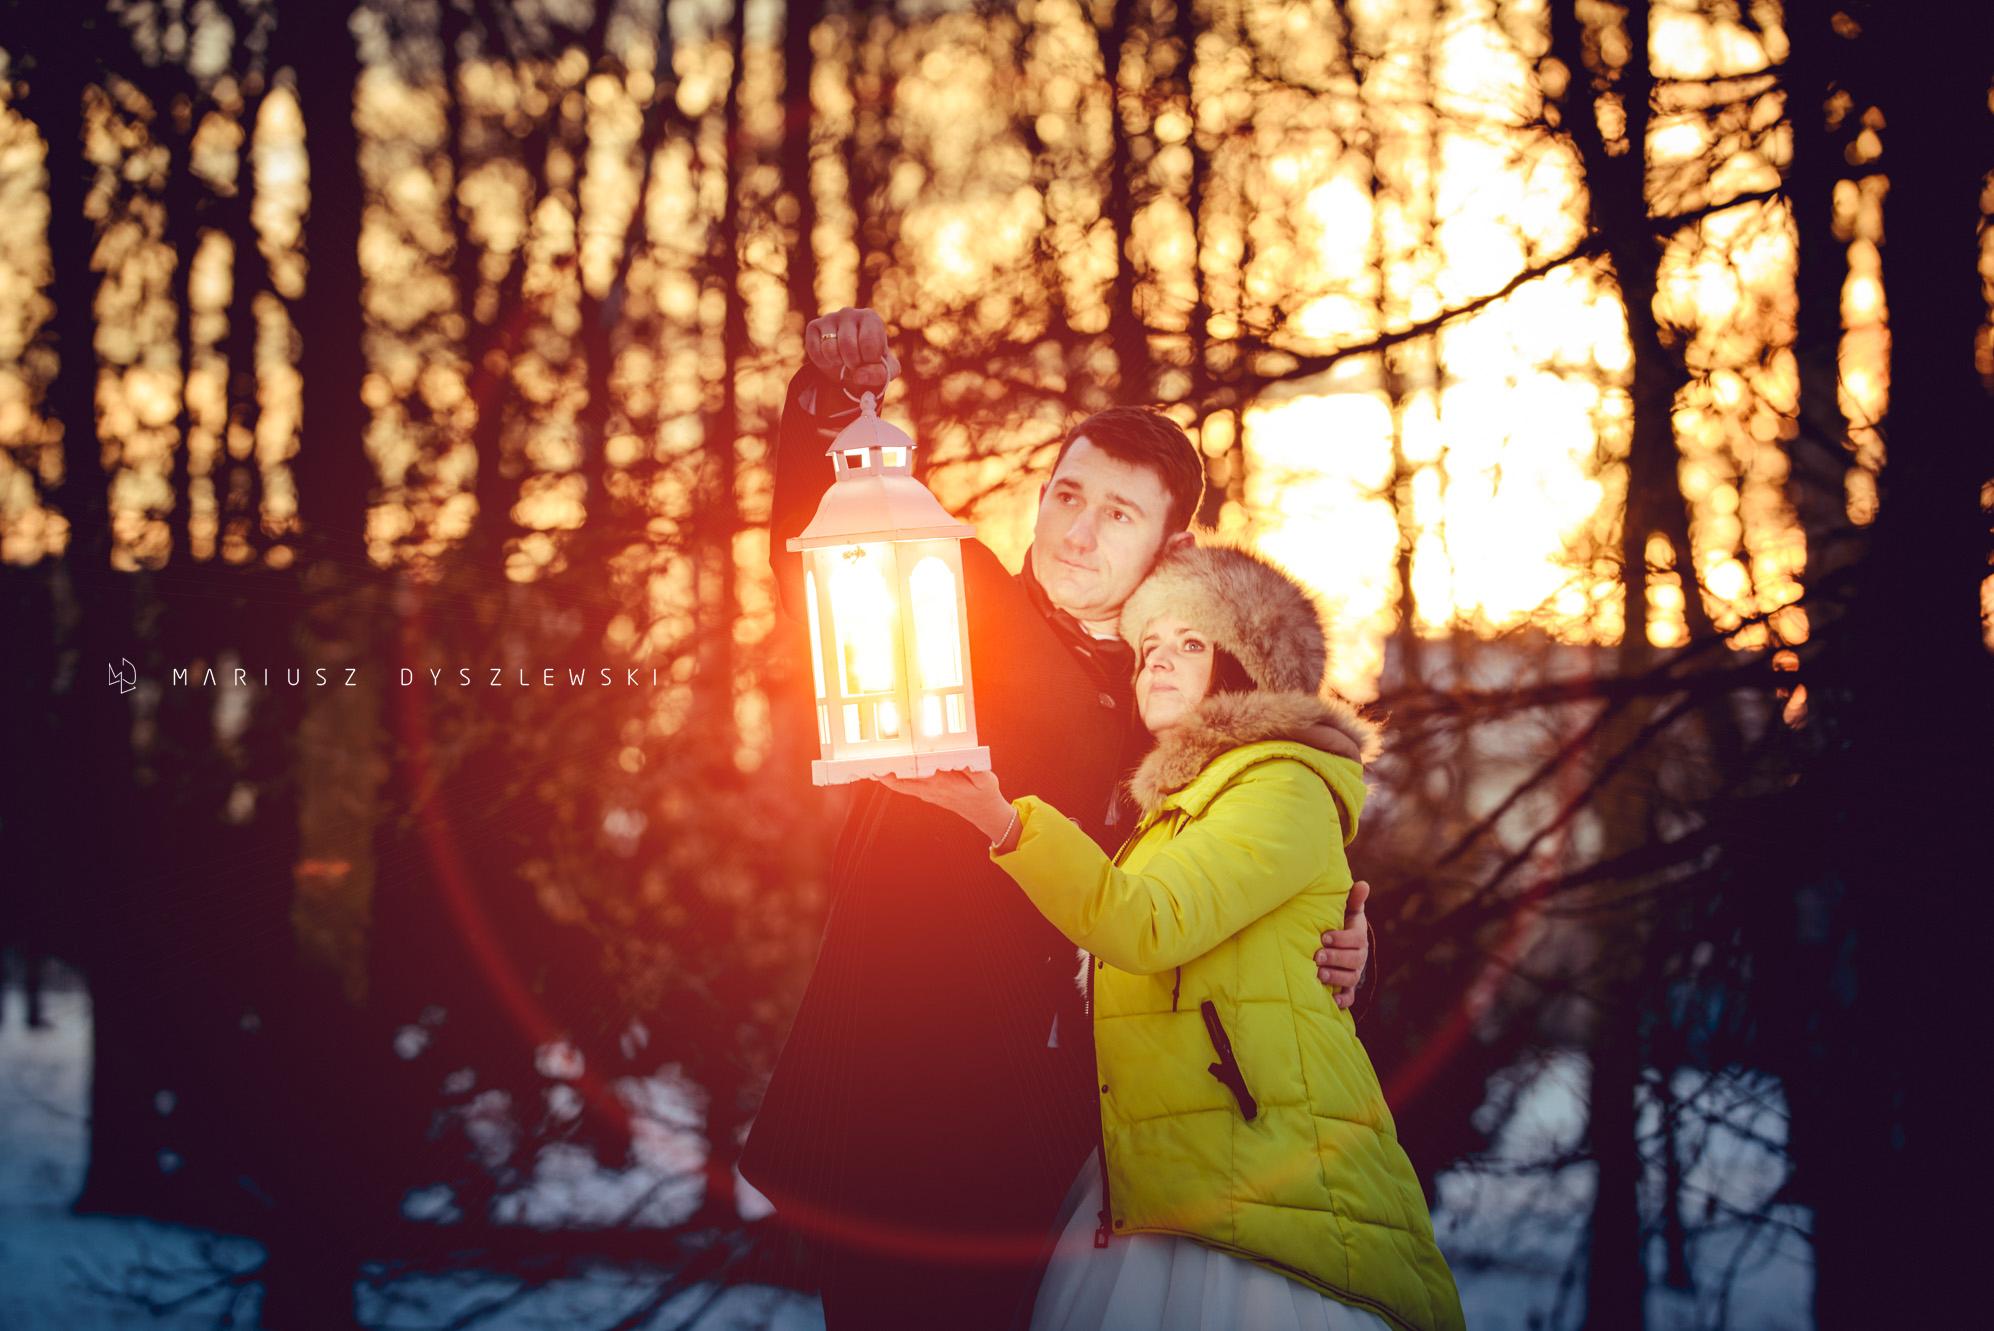 sesja_zimowa_mariusz_dyszlewski_fotograf (14)